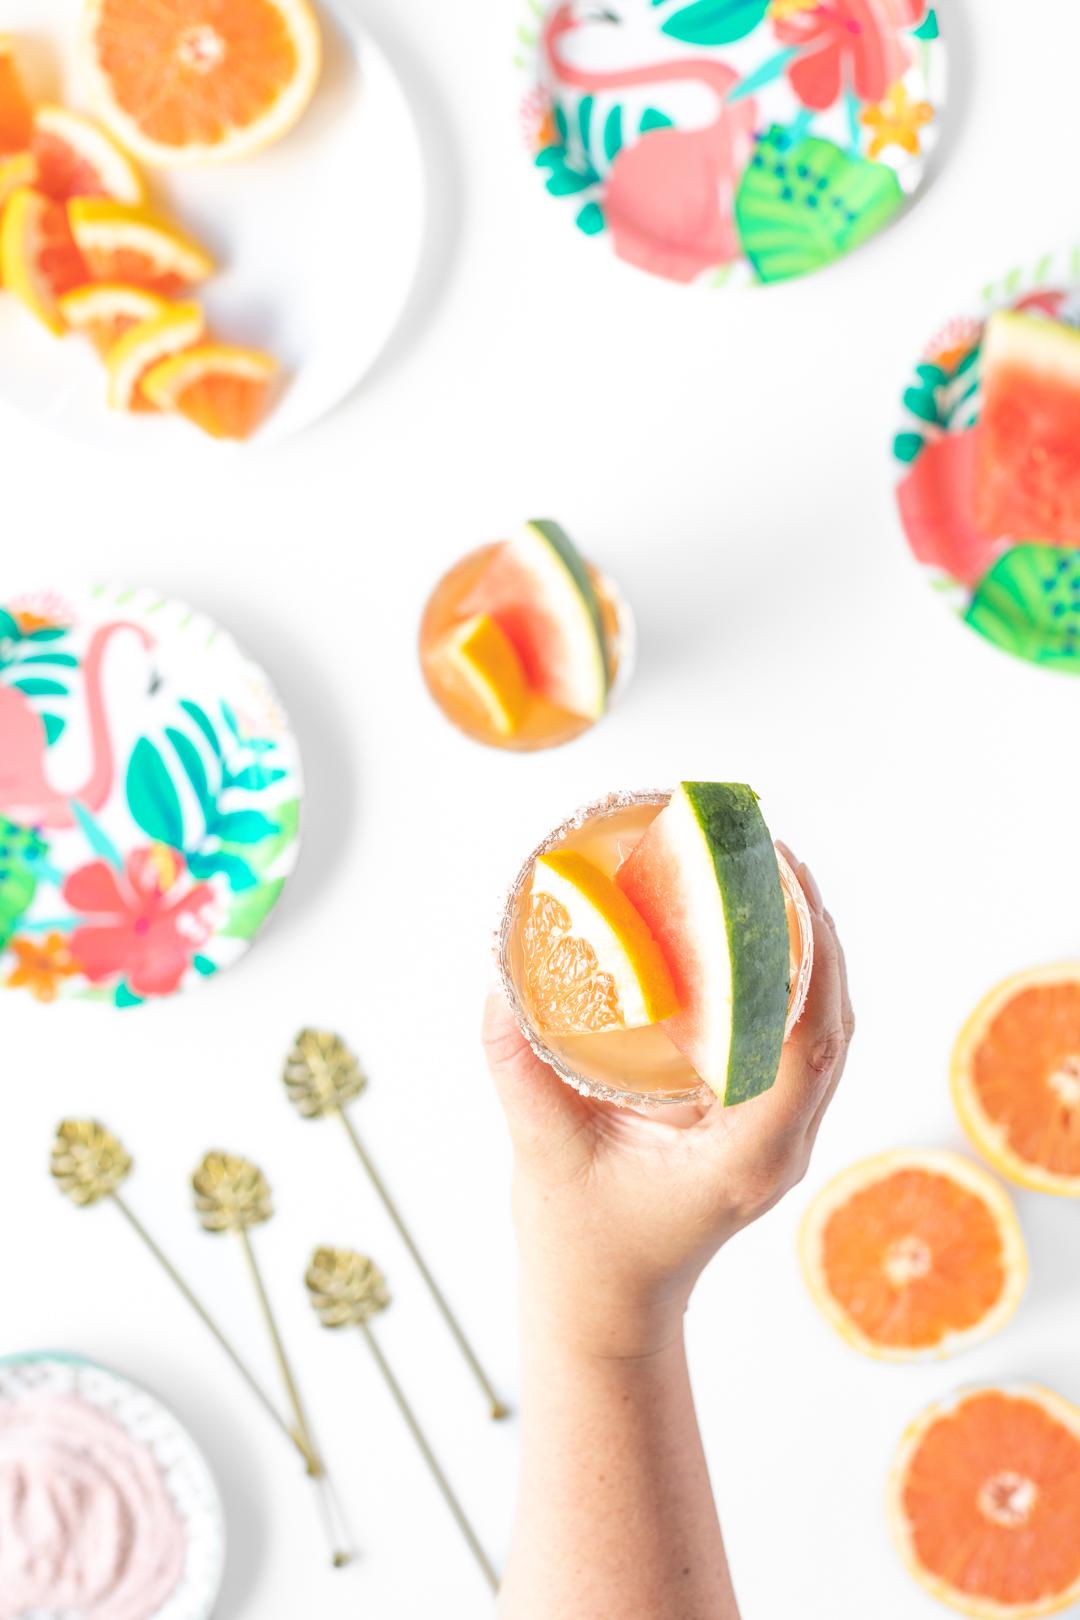 grapefruit and watermelon garnish